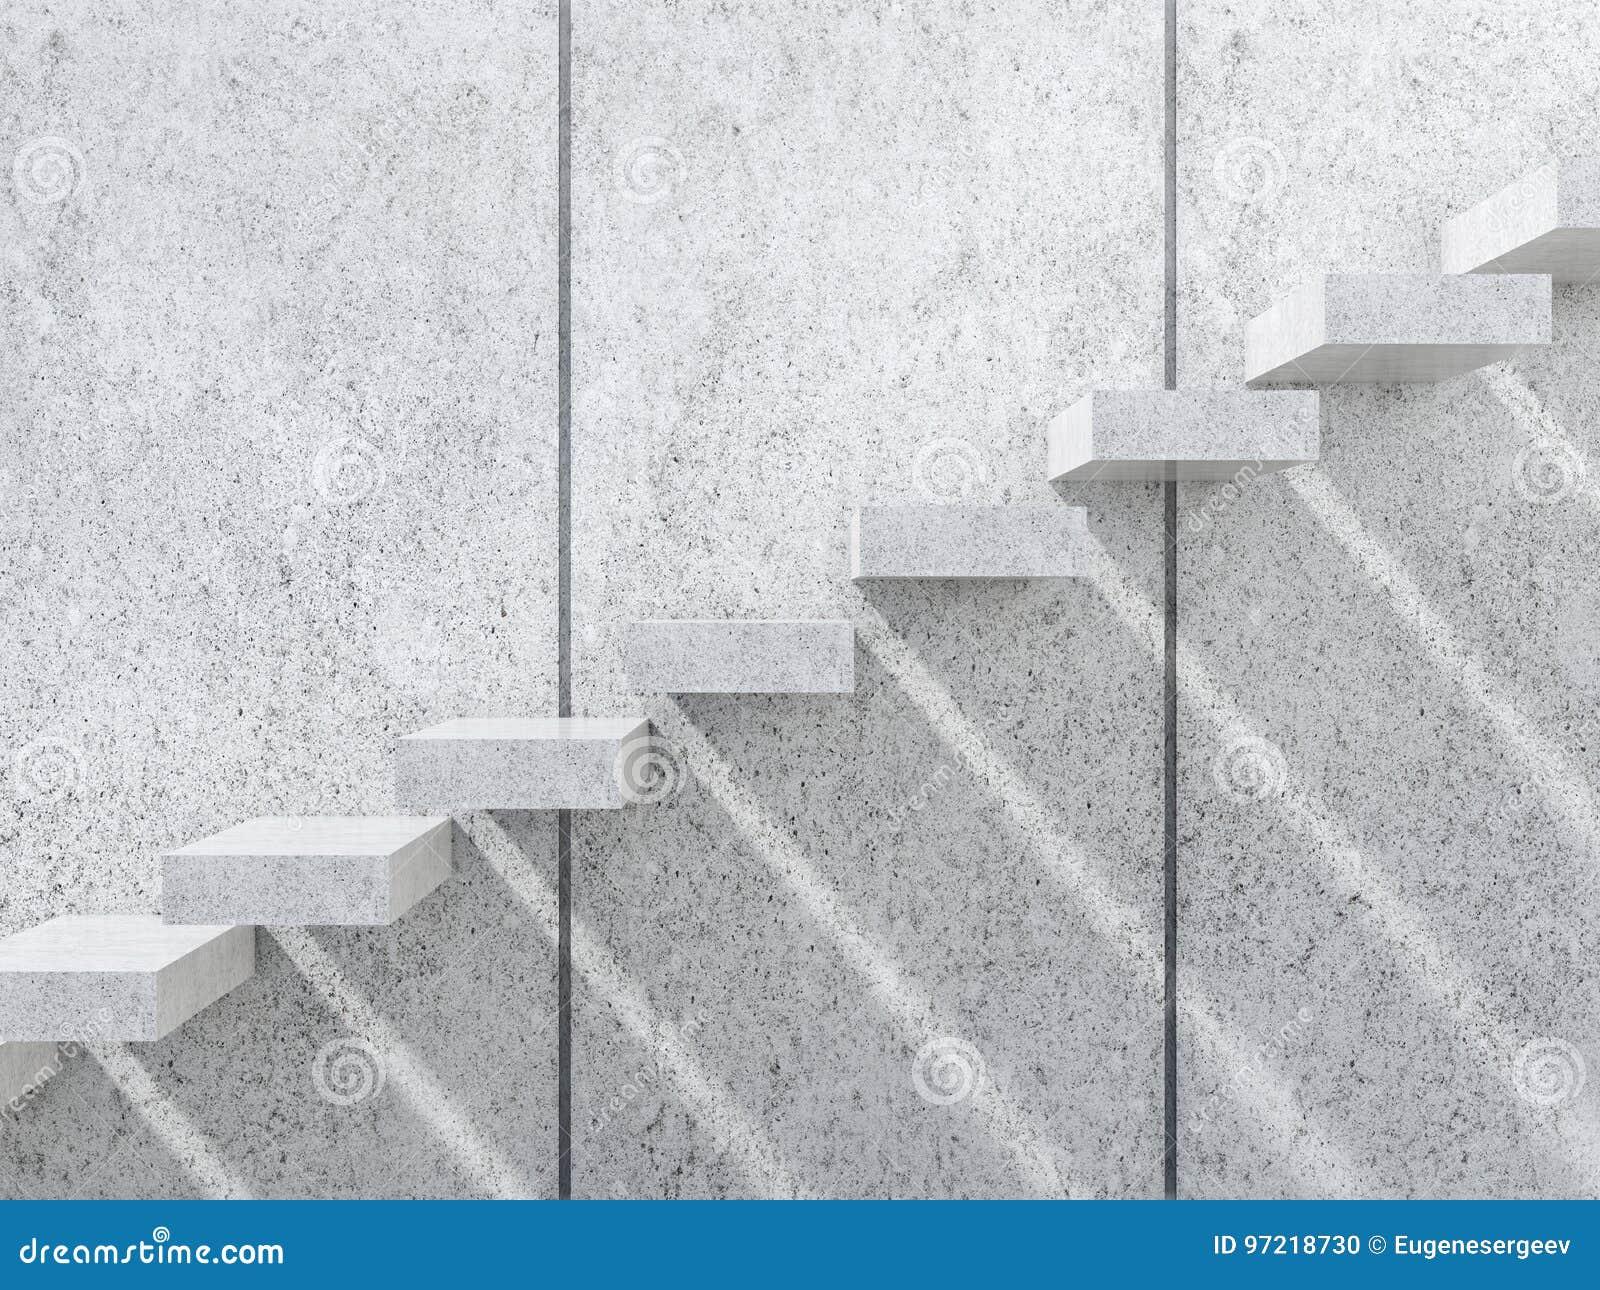 Konkrete Treppe mit Schatten auf der Wand 3d